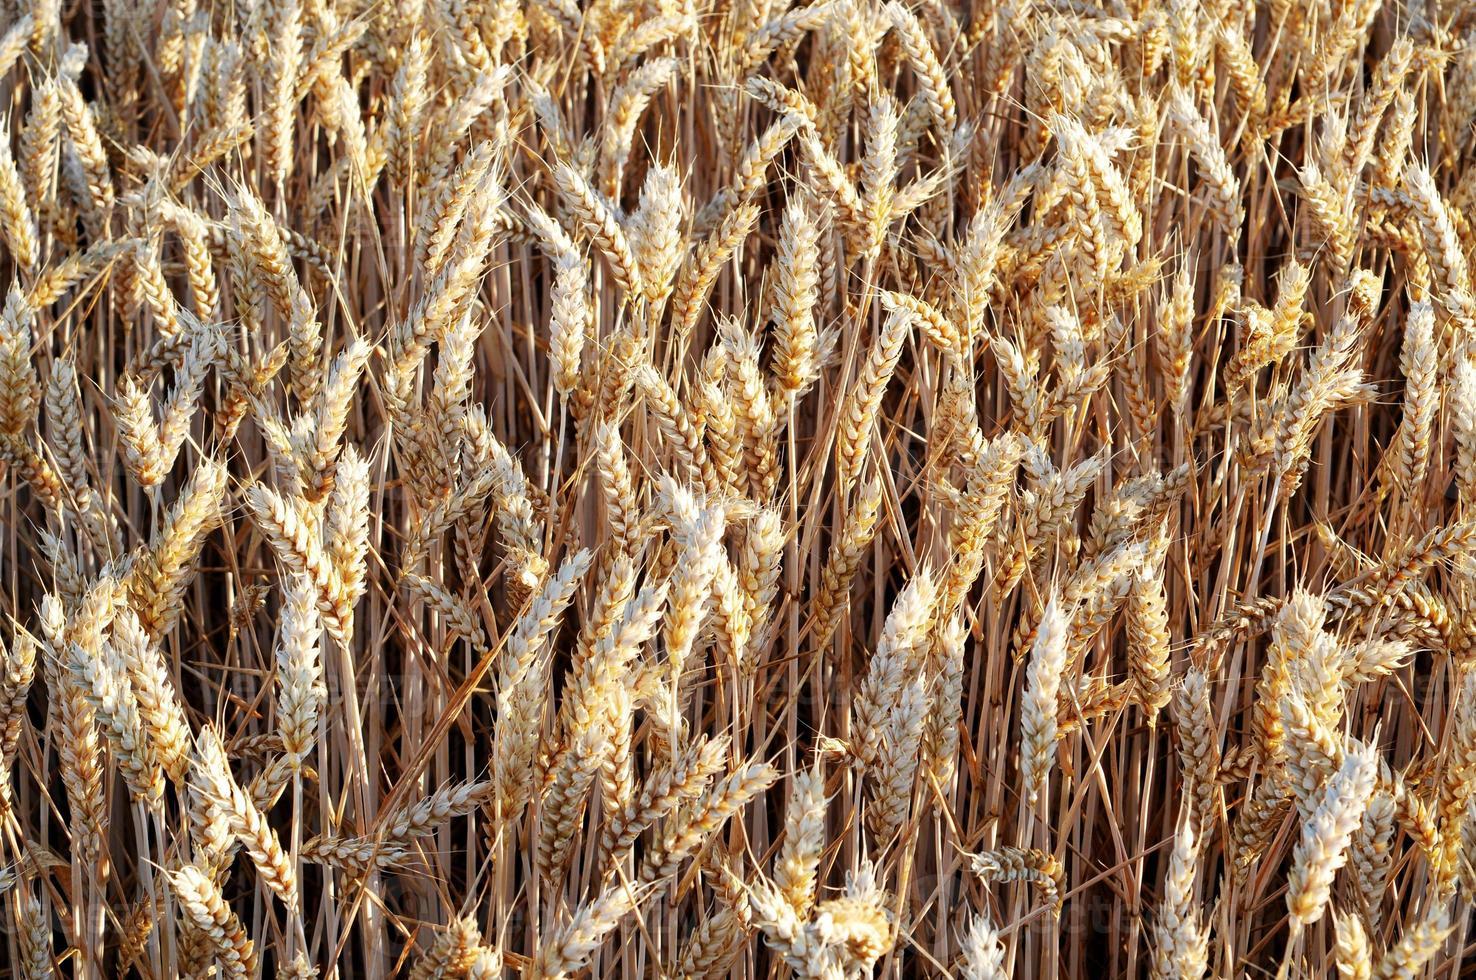 trigo dourado no campo foto